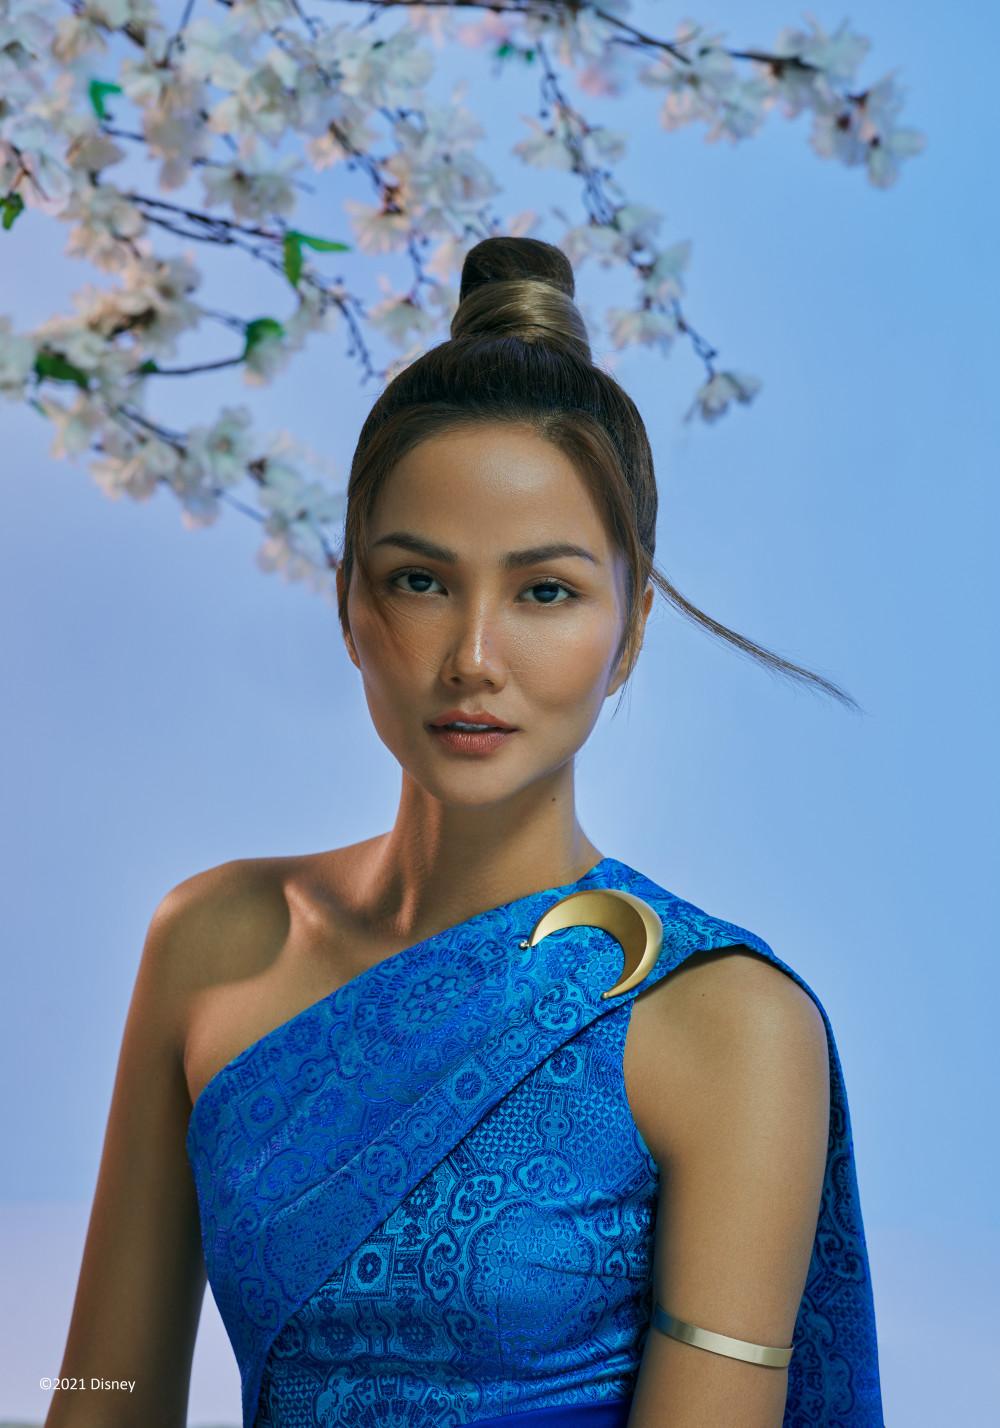 H'Hen Niê diện trang phục theo phong cách của công chúa Raya từ khi còn nhỏ tới lúc trưởng thành, với một thần thái huyền bí và đầy sức quyến rũ của người phụ nữ Đông Nam Á.